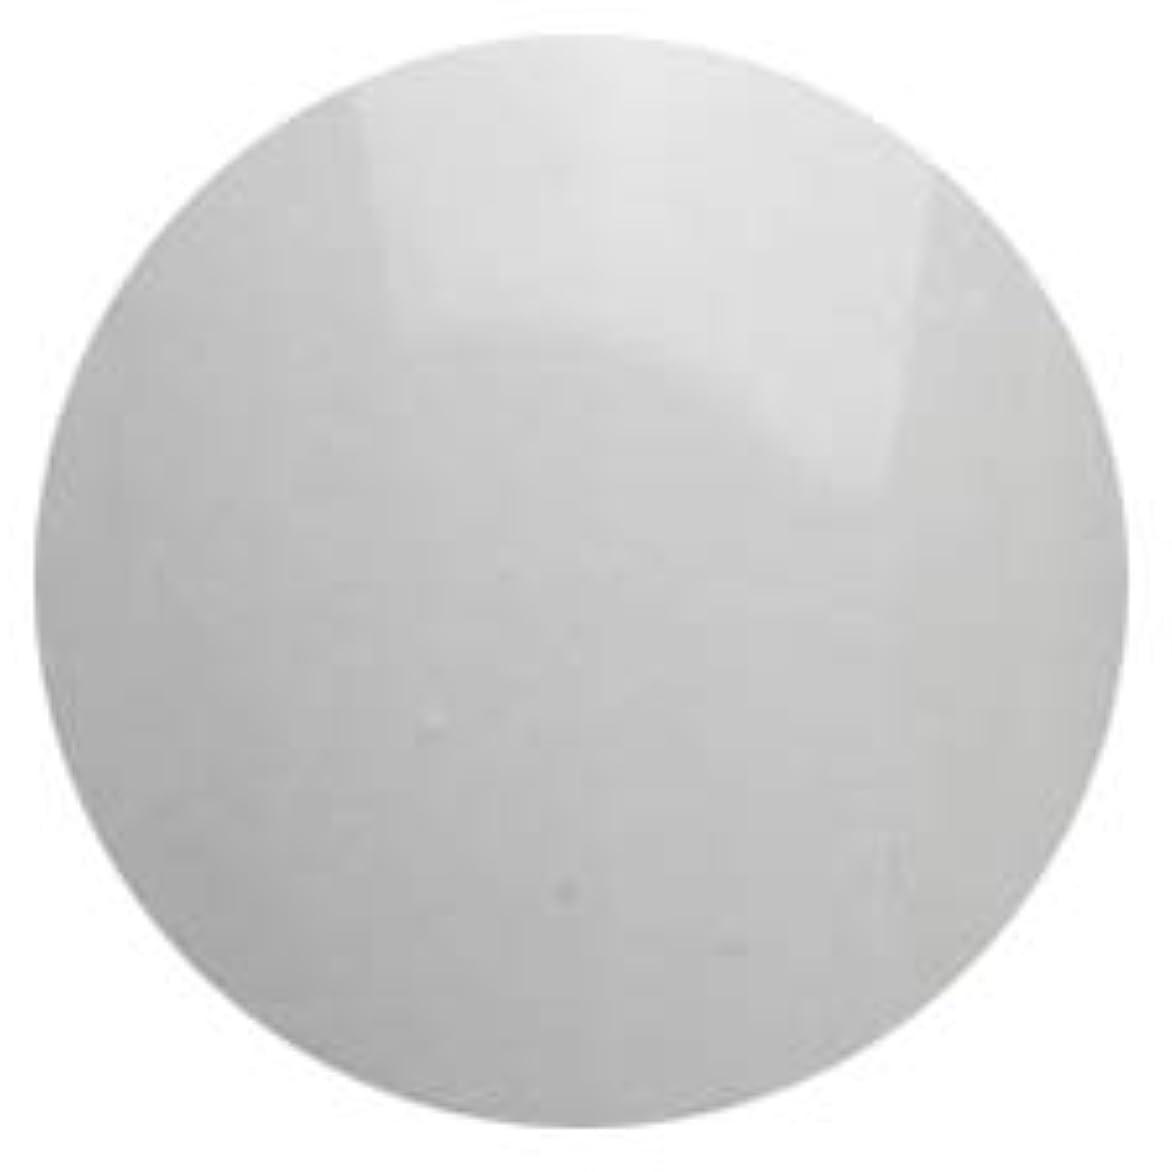 特性攻撃的四分円T-GEL COLLECTION カラージェル D121 ミルキーホワイト 4ml